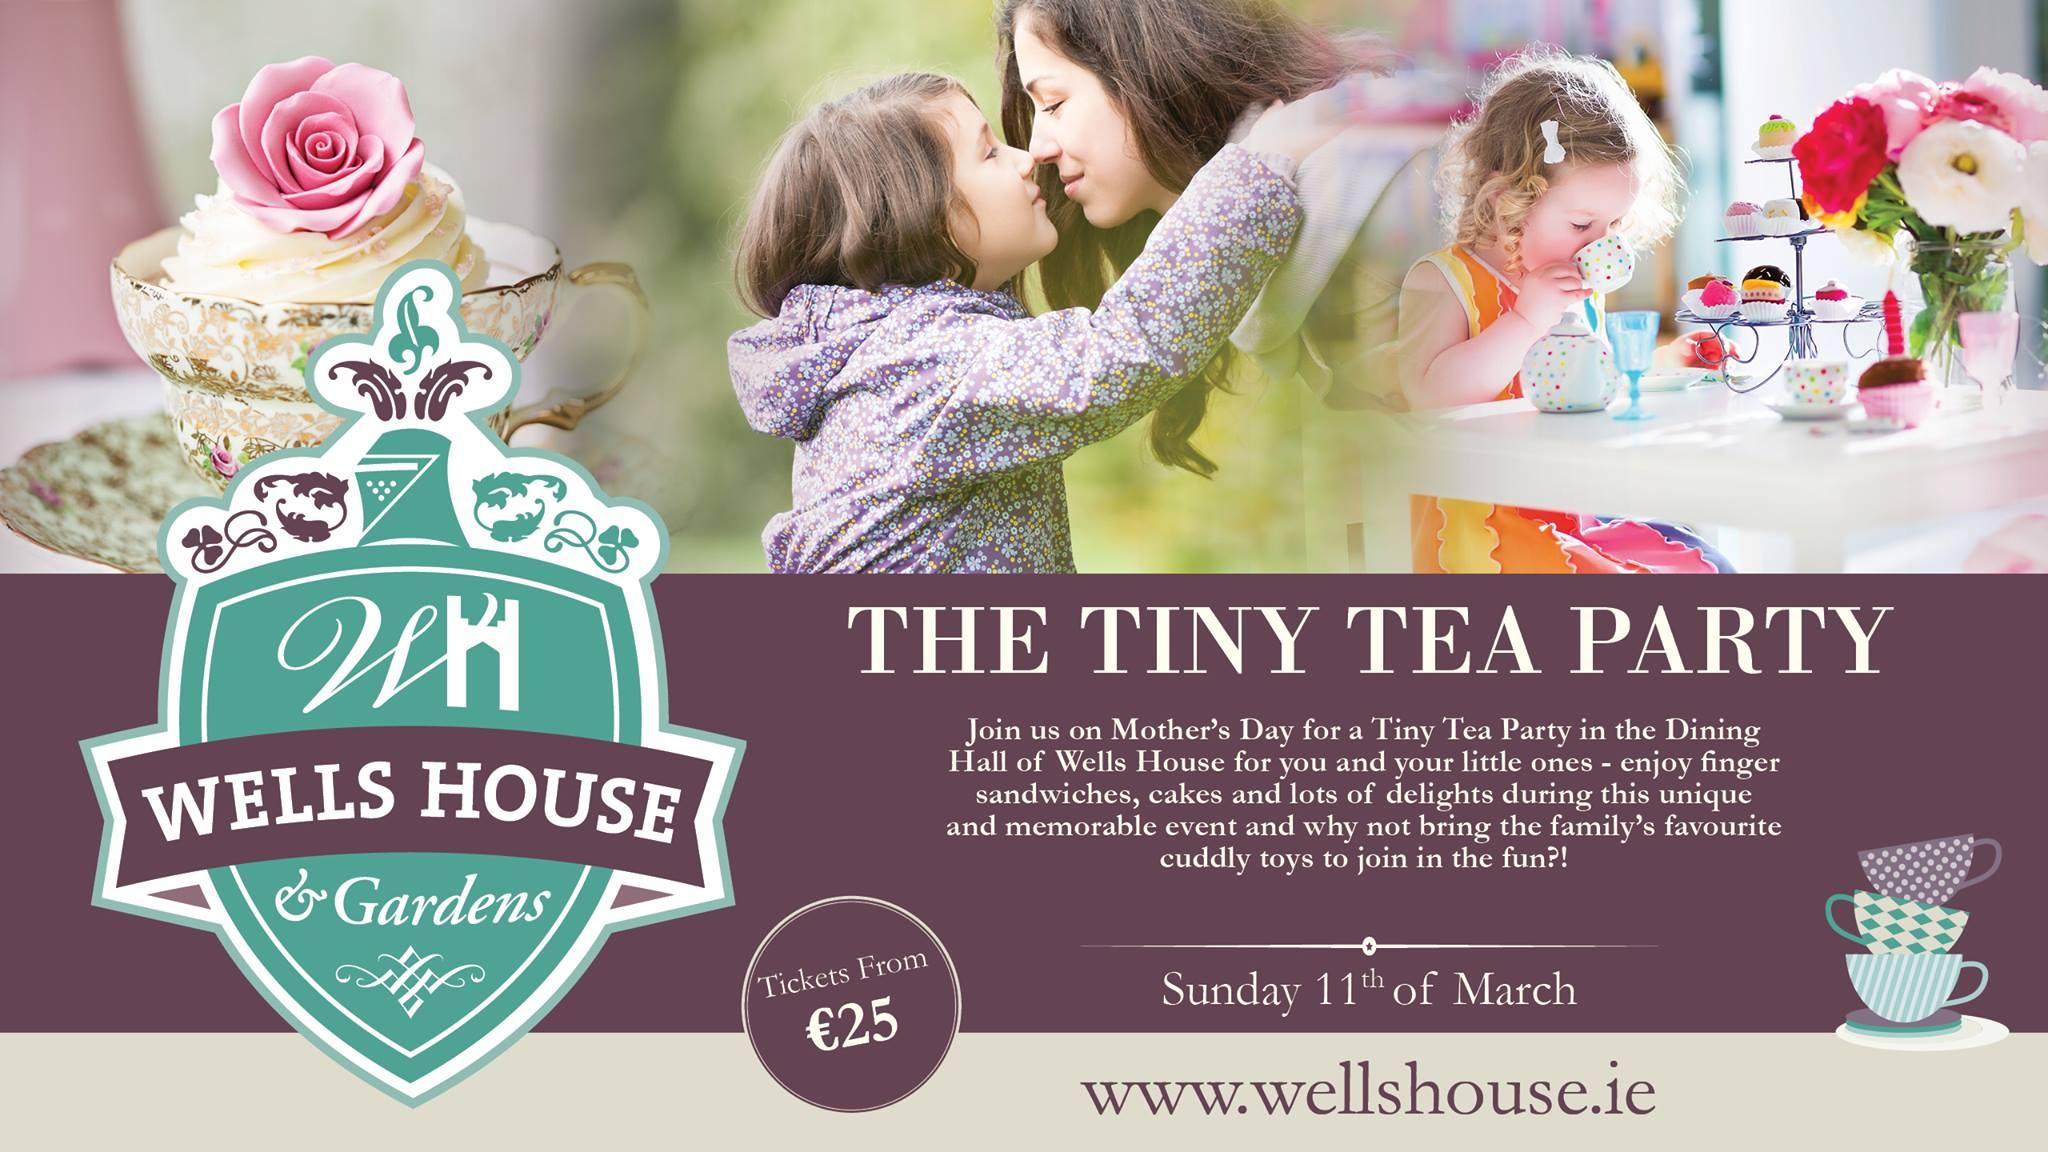 The Tiny tea party